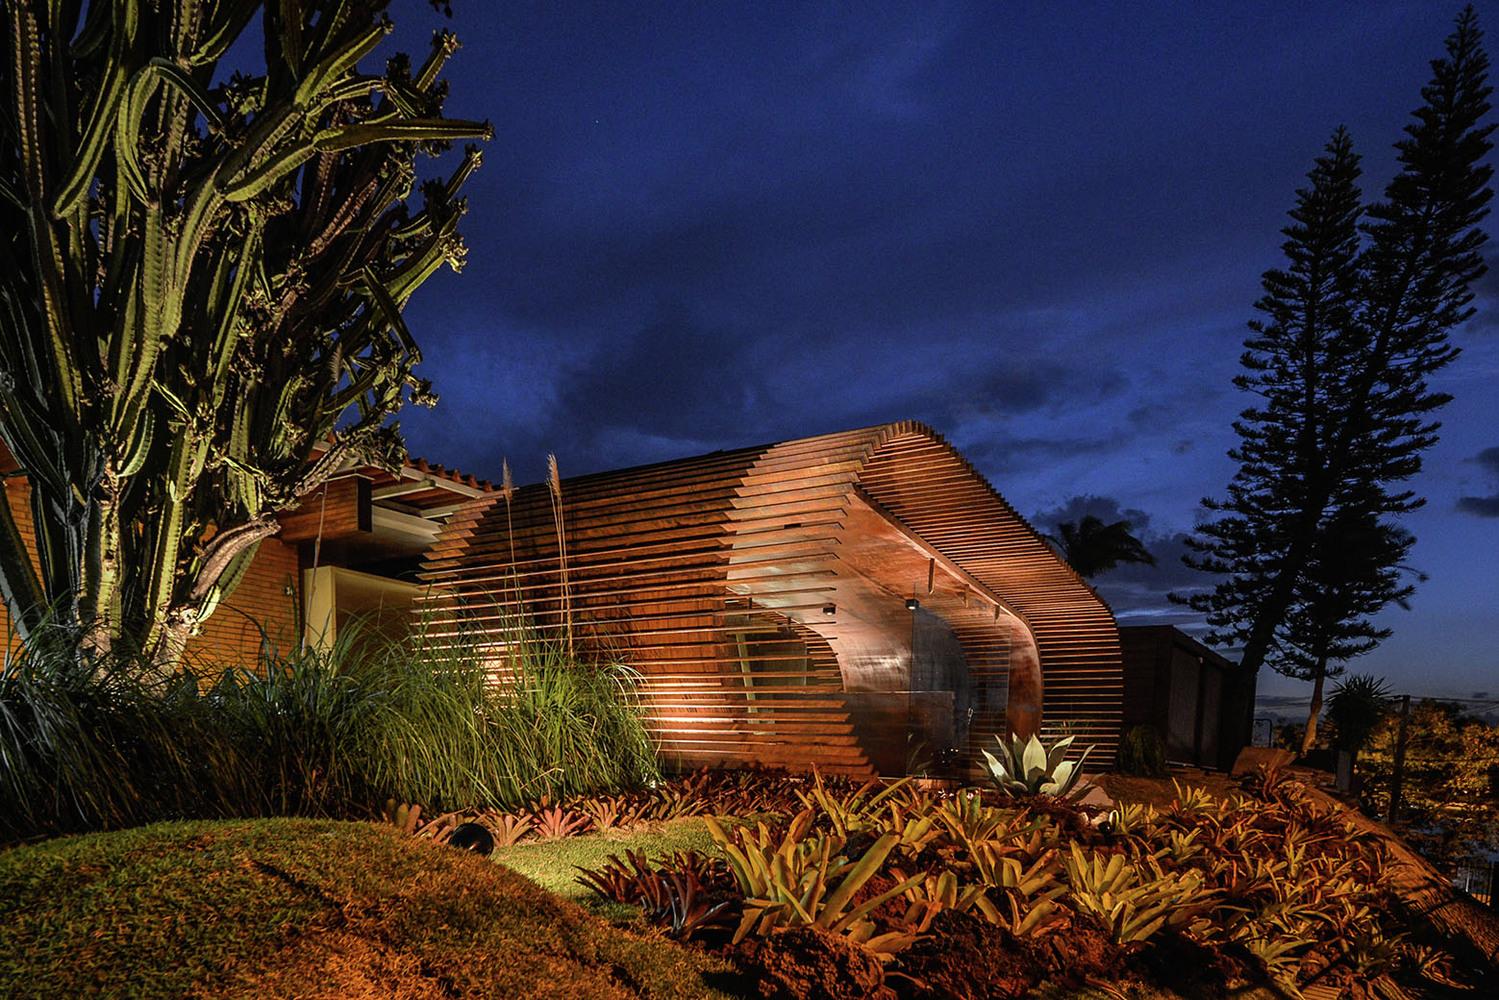 Оформление выставки: вид павильона ночью